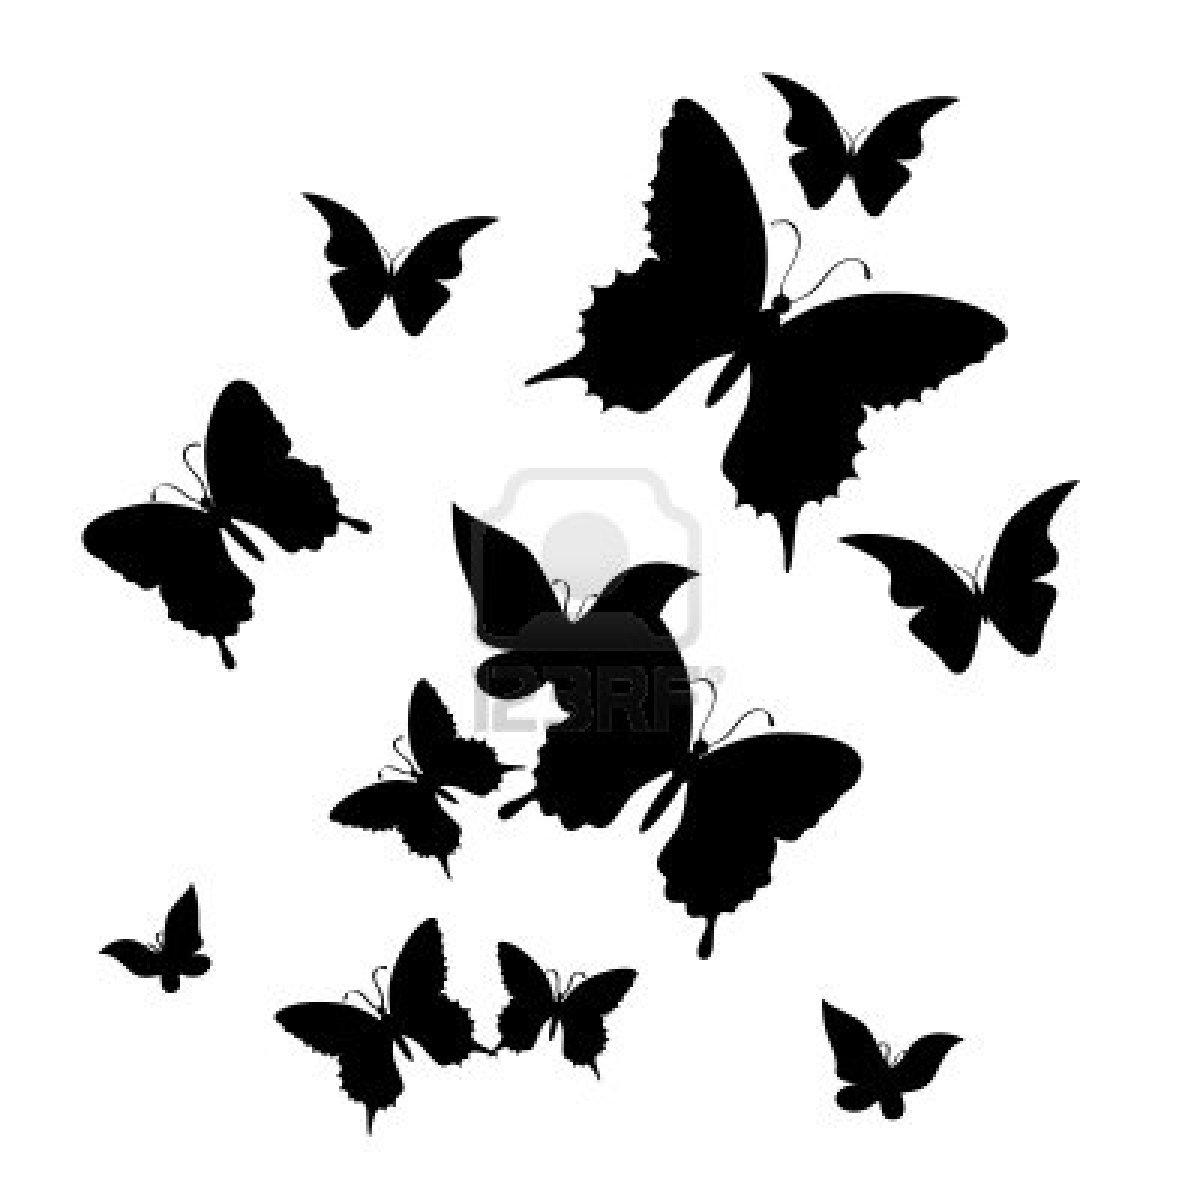 Populaire à imprimer : Animaux - Insectes - Papillon numéro 167684 GN41